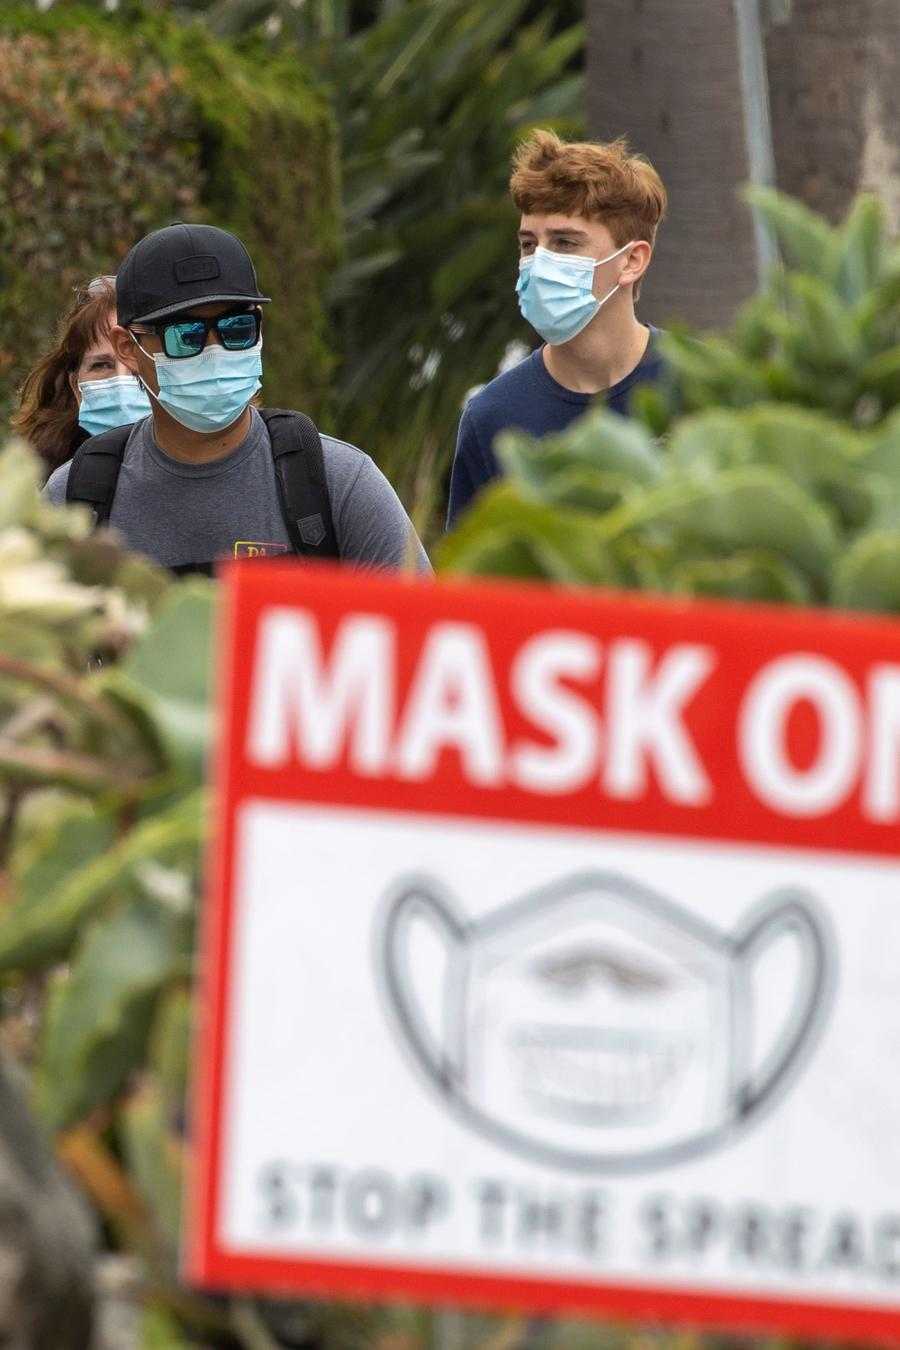 Personas con mascarillas en la comunidad de Del Mar, California